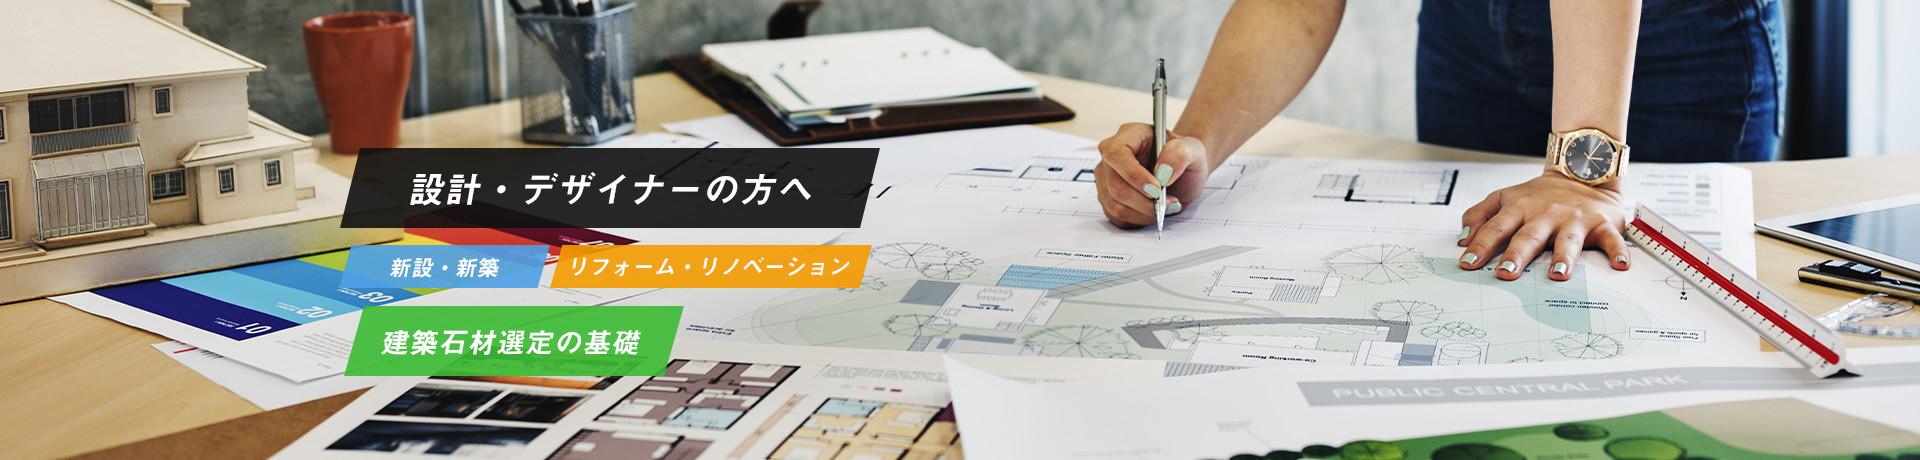 設計・デザイナーの方へ「新設・新築」「リフォーム・リノベーション」「建築石材選定の基礎」